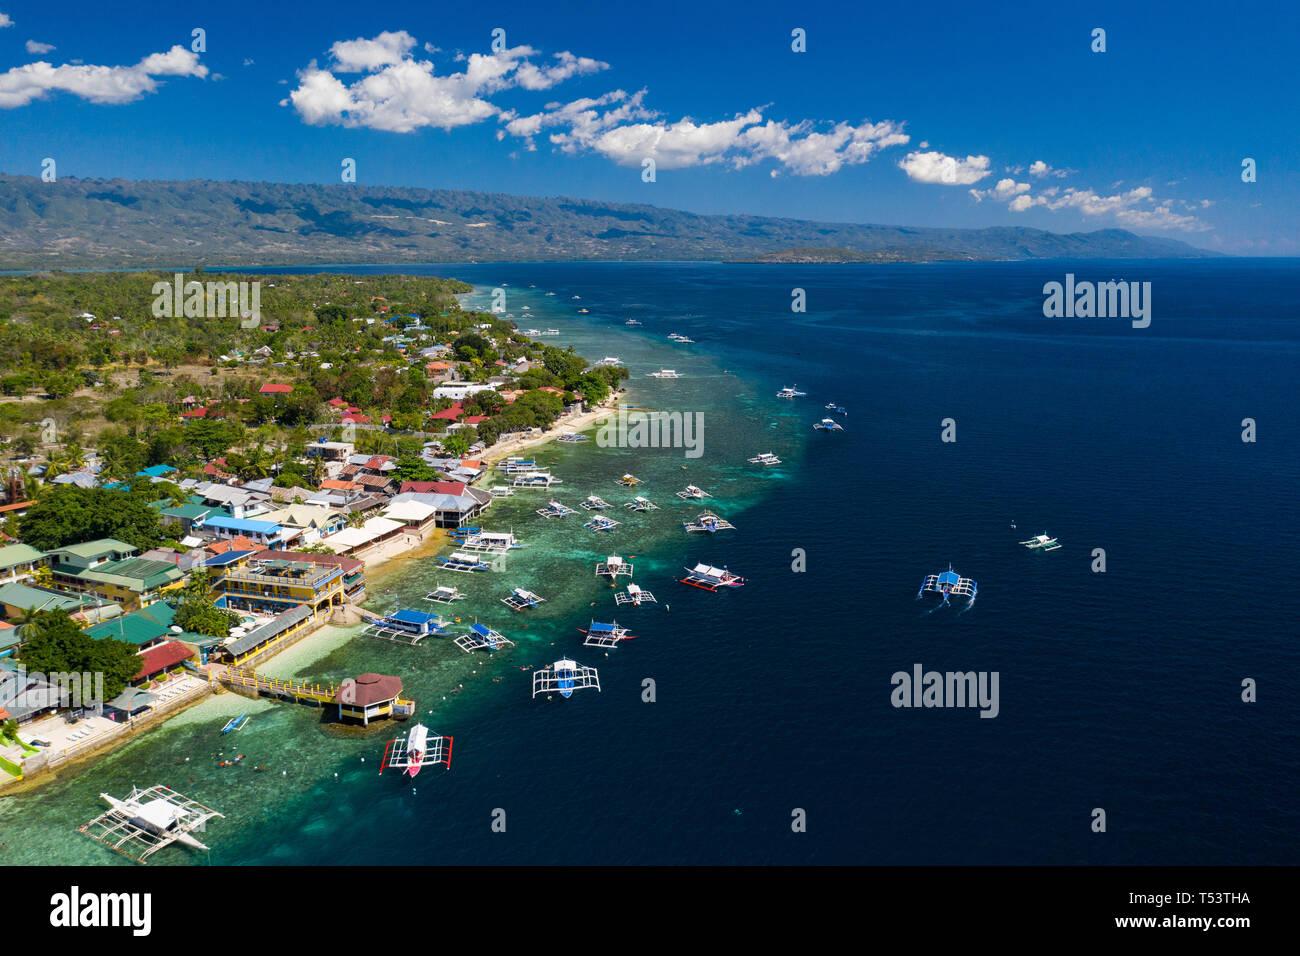 Moalboal Cebu Philippines Stock Photos Moalboal Cebu Philippines